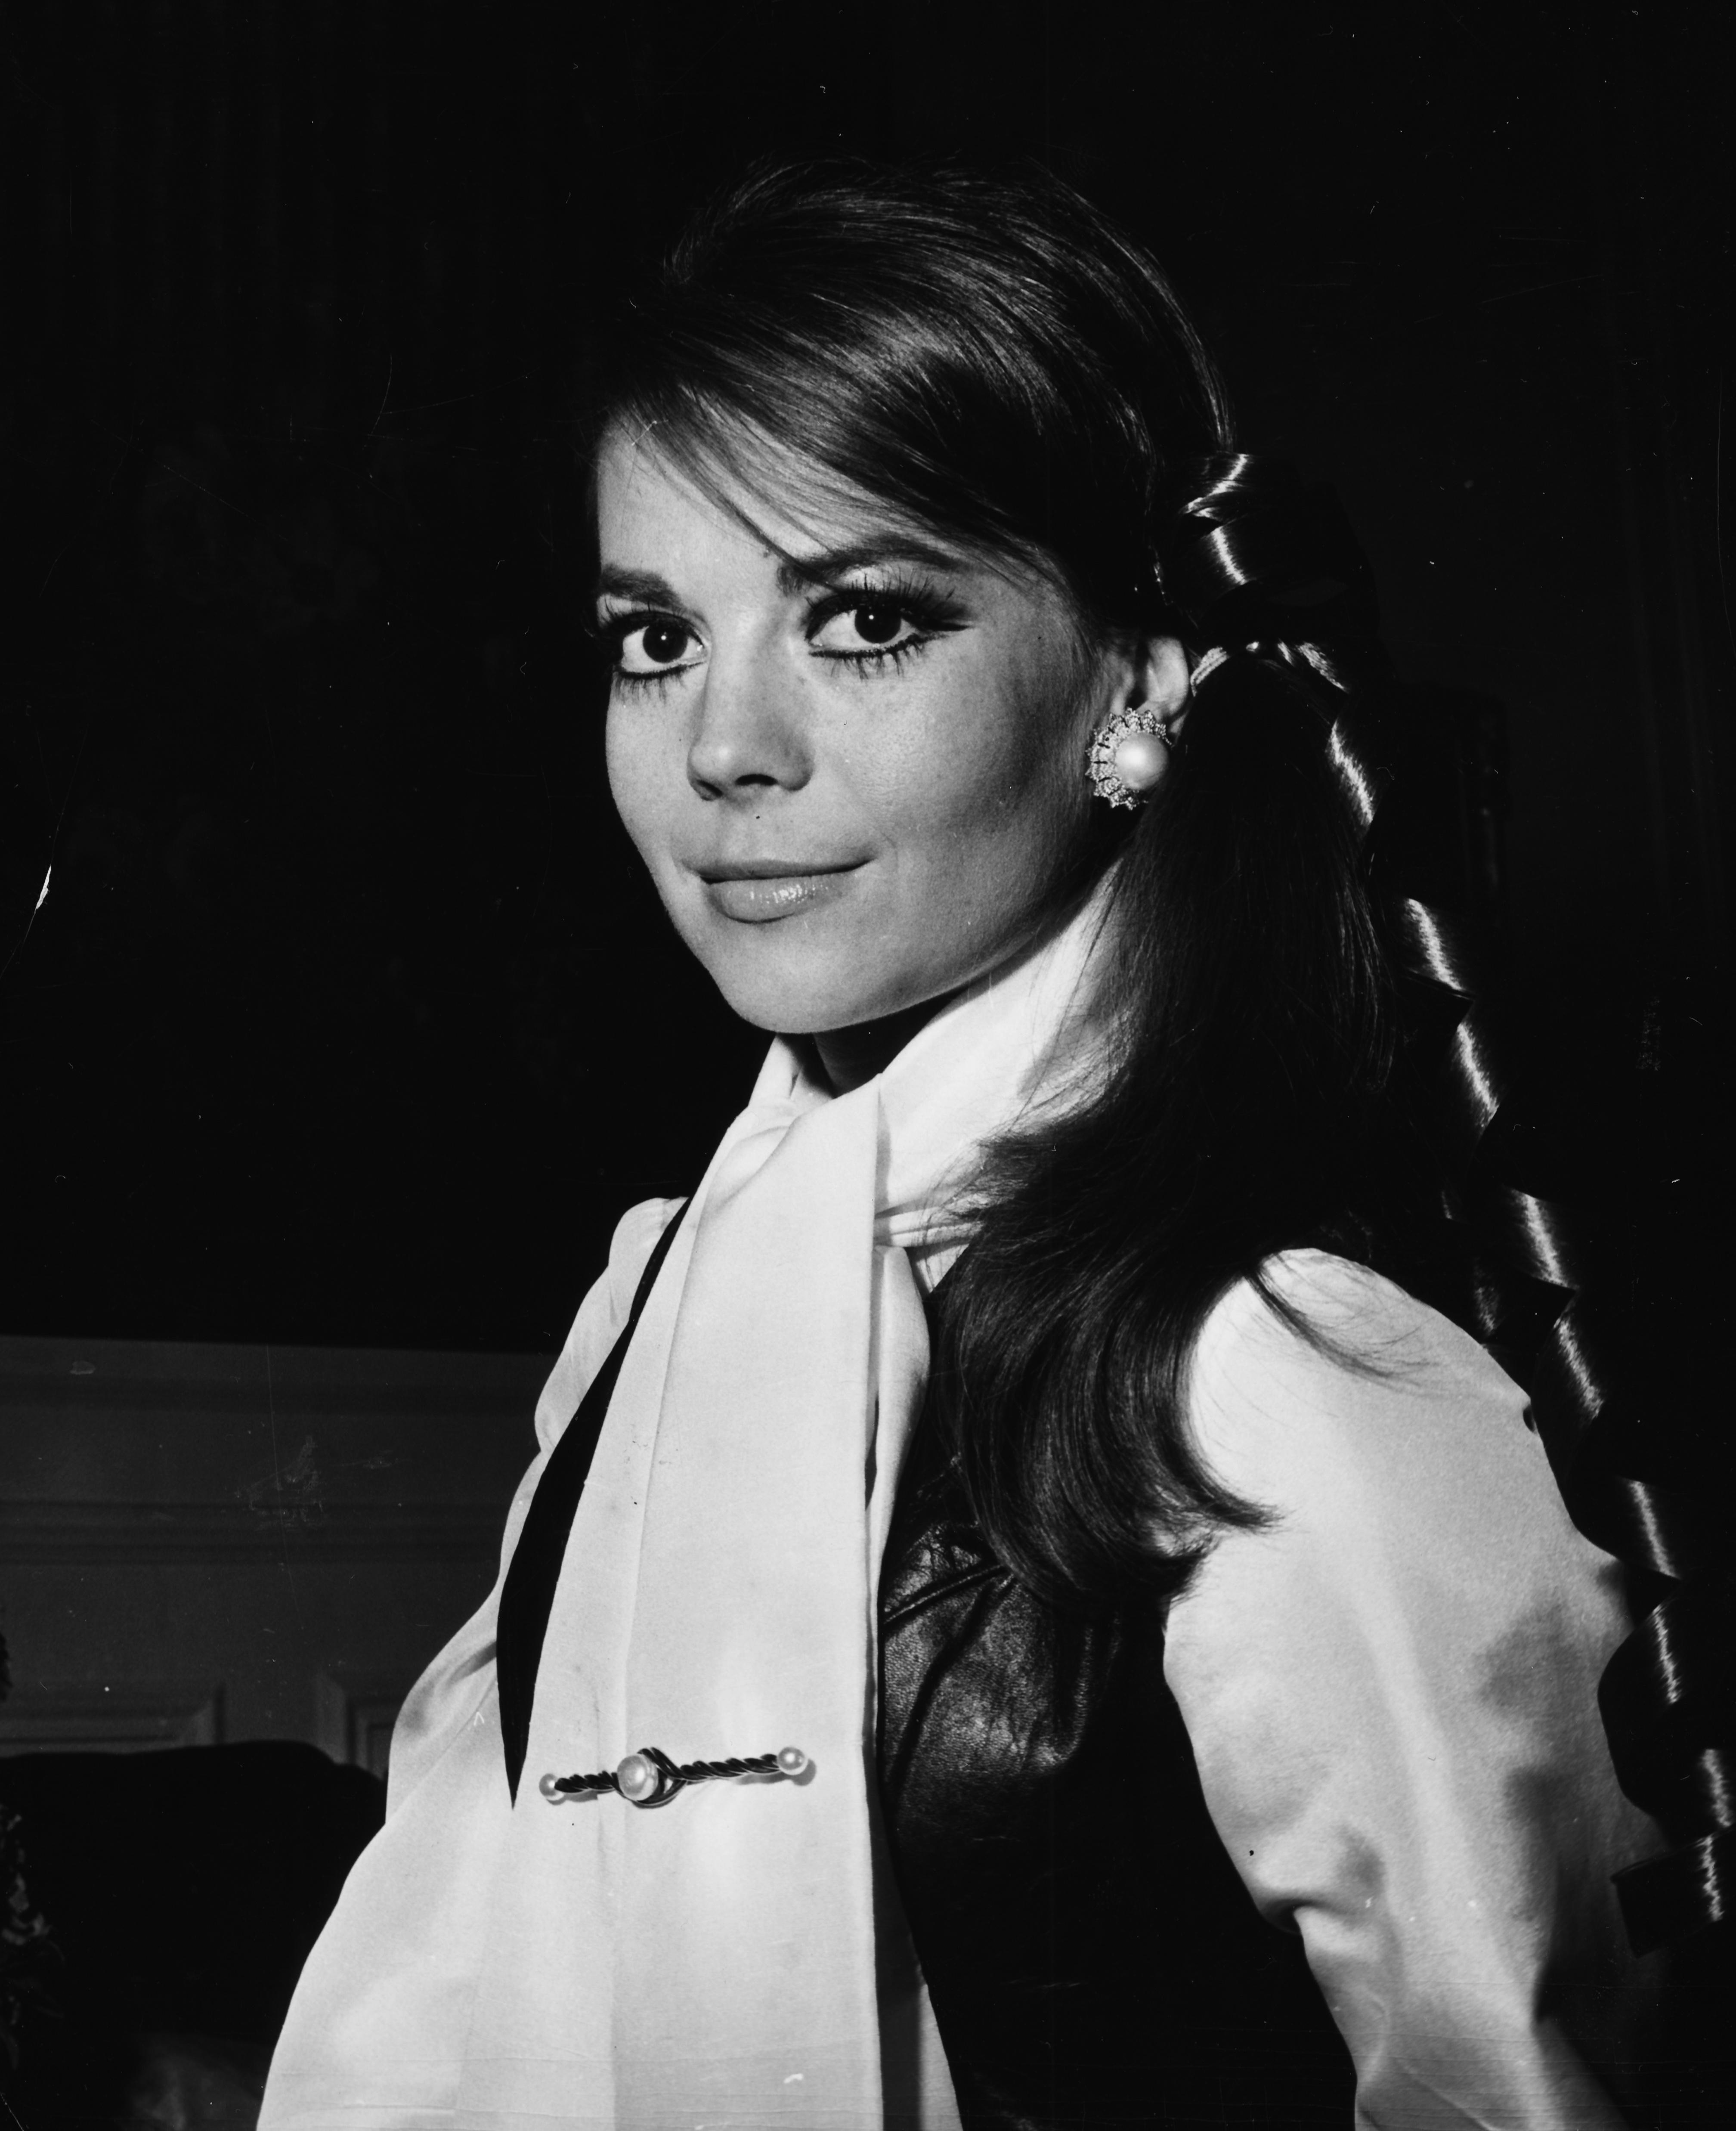 """Натали Уудеактриса от руски произход, родена през1938година.Започвайки участието си в киното още от ранна детска възраст, Ууд се превръща в една от най-популярните холивудски звезди от 1950-те, 1960-те и 1970-те години.До 25-ата си годишнина, тя вече има три номинации за награда """"Оскар"""".Нещастен случай през 1981 година на остров Санта Каталина докалифорнийскиябряг, води до нейната преждевременна кончина само на 43-годишна възраст."""